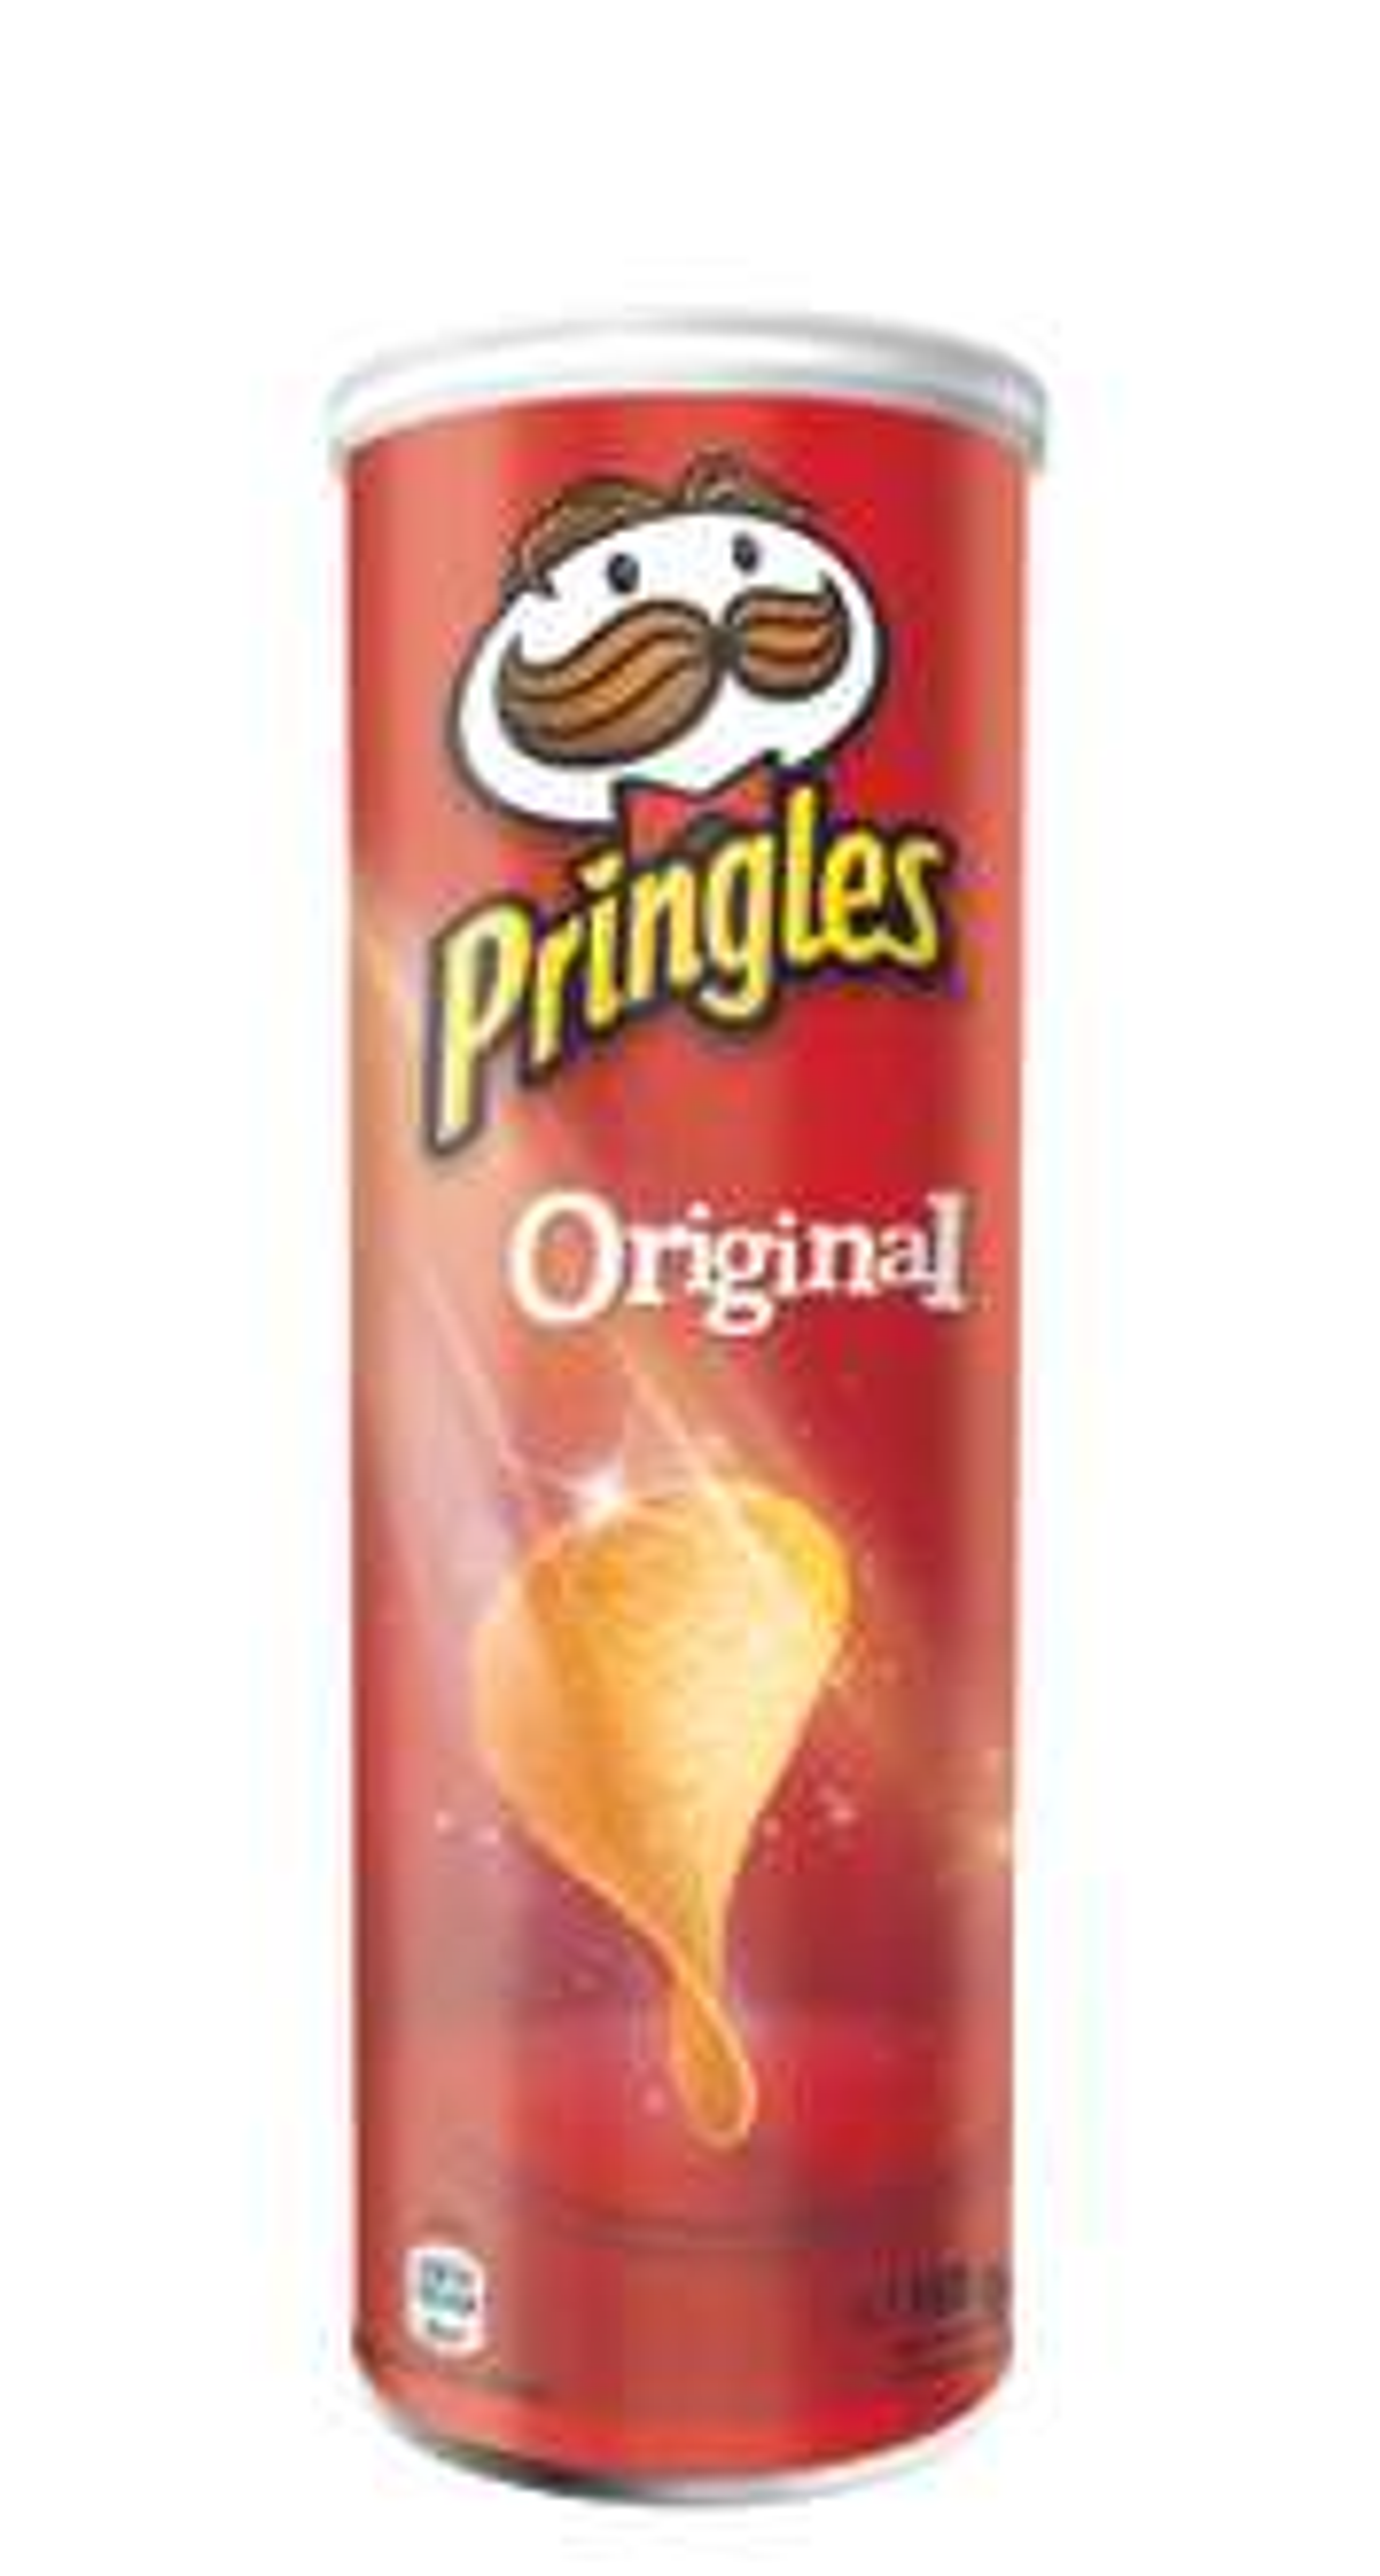 [NETTO Scottie] Pringles für 1,11€ nächsten Samstag (10.09.)